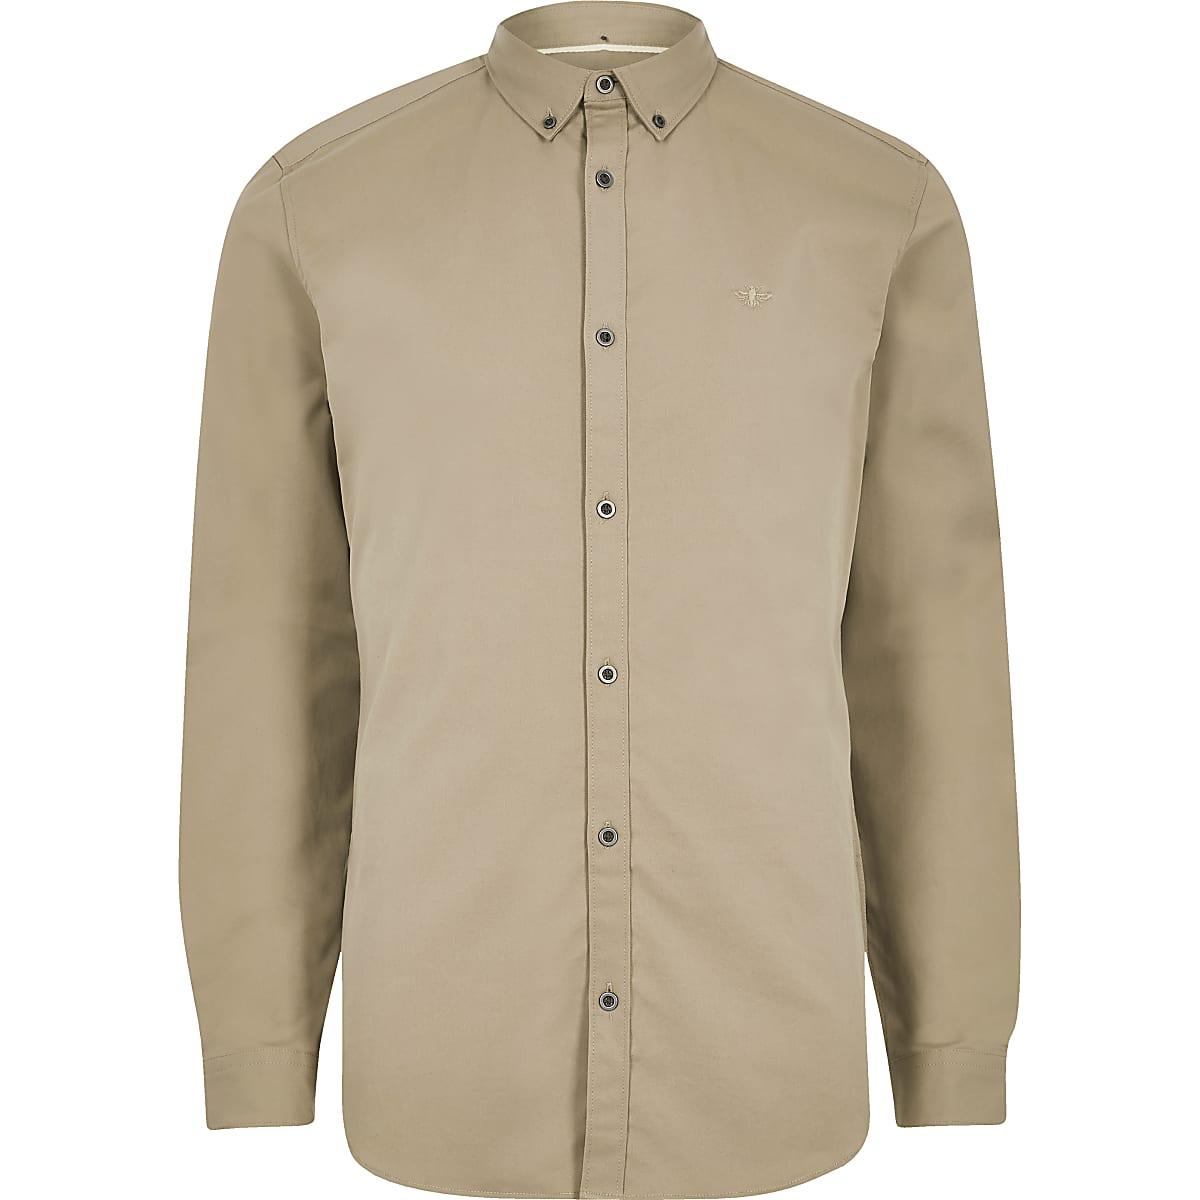 Bruin Overhemd Heren.Bruin Overhemd Met Stretch Geborduurde Wesp En Lange Mouwen